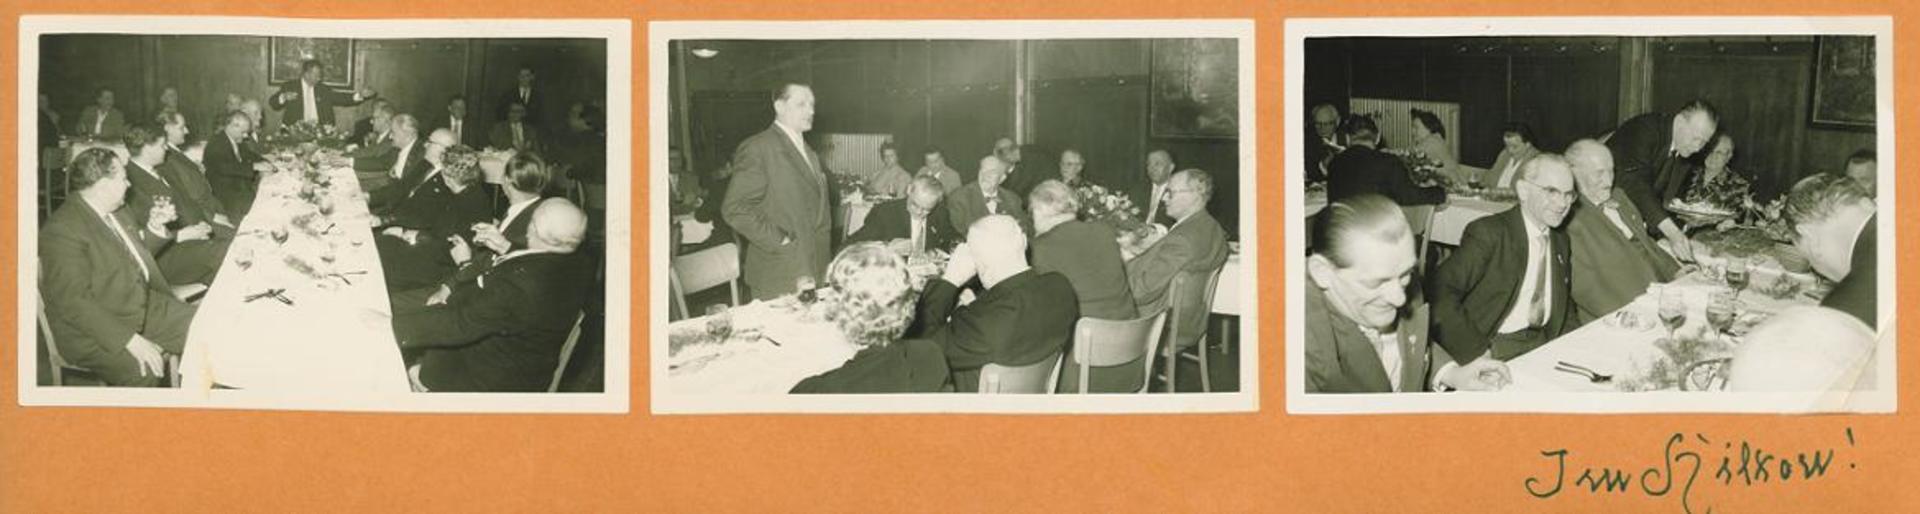 WBL Hilton um 1960.JPG